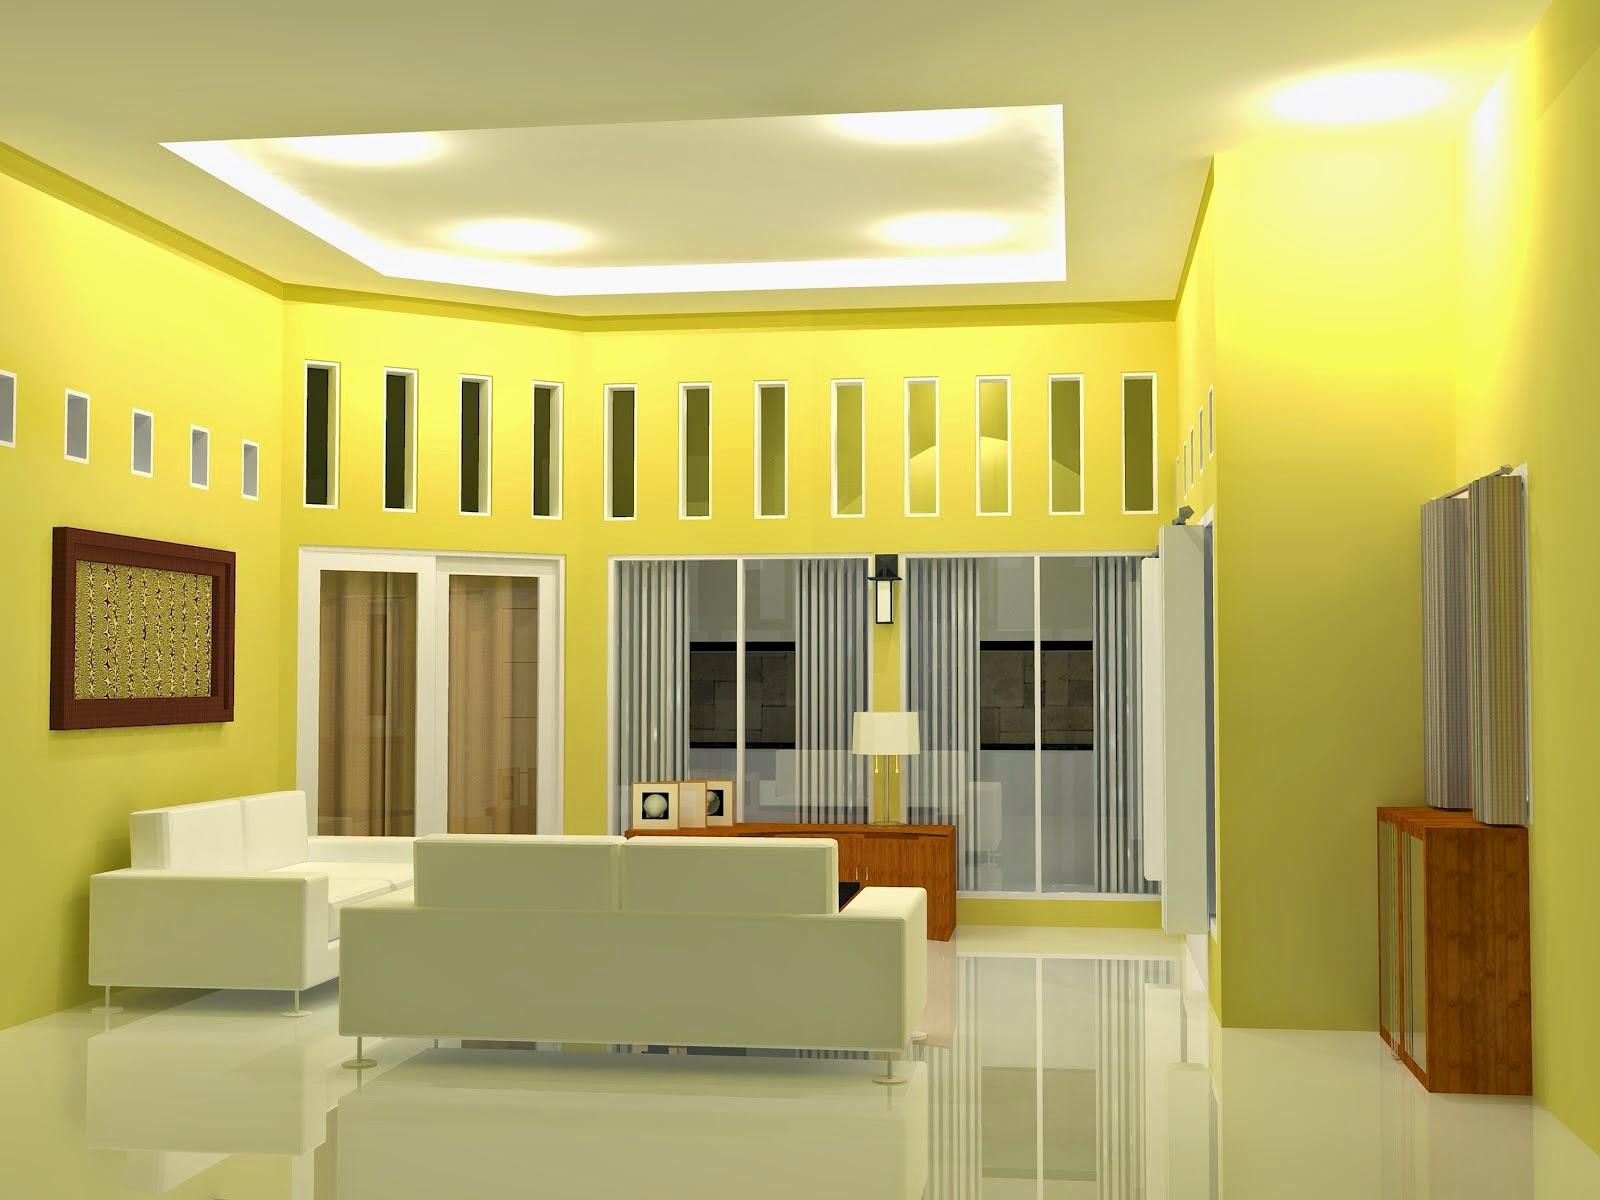 http://ruangantamu.blogspot.com/2014/12/warna-cat-pada-ruangan-tamu-12.html